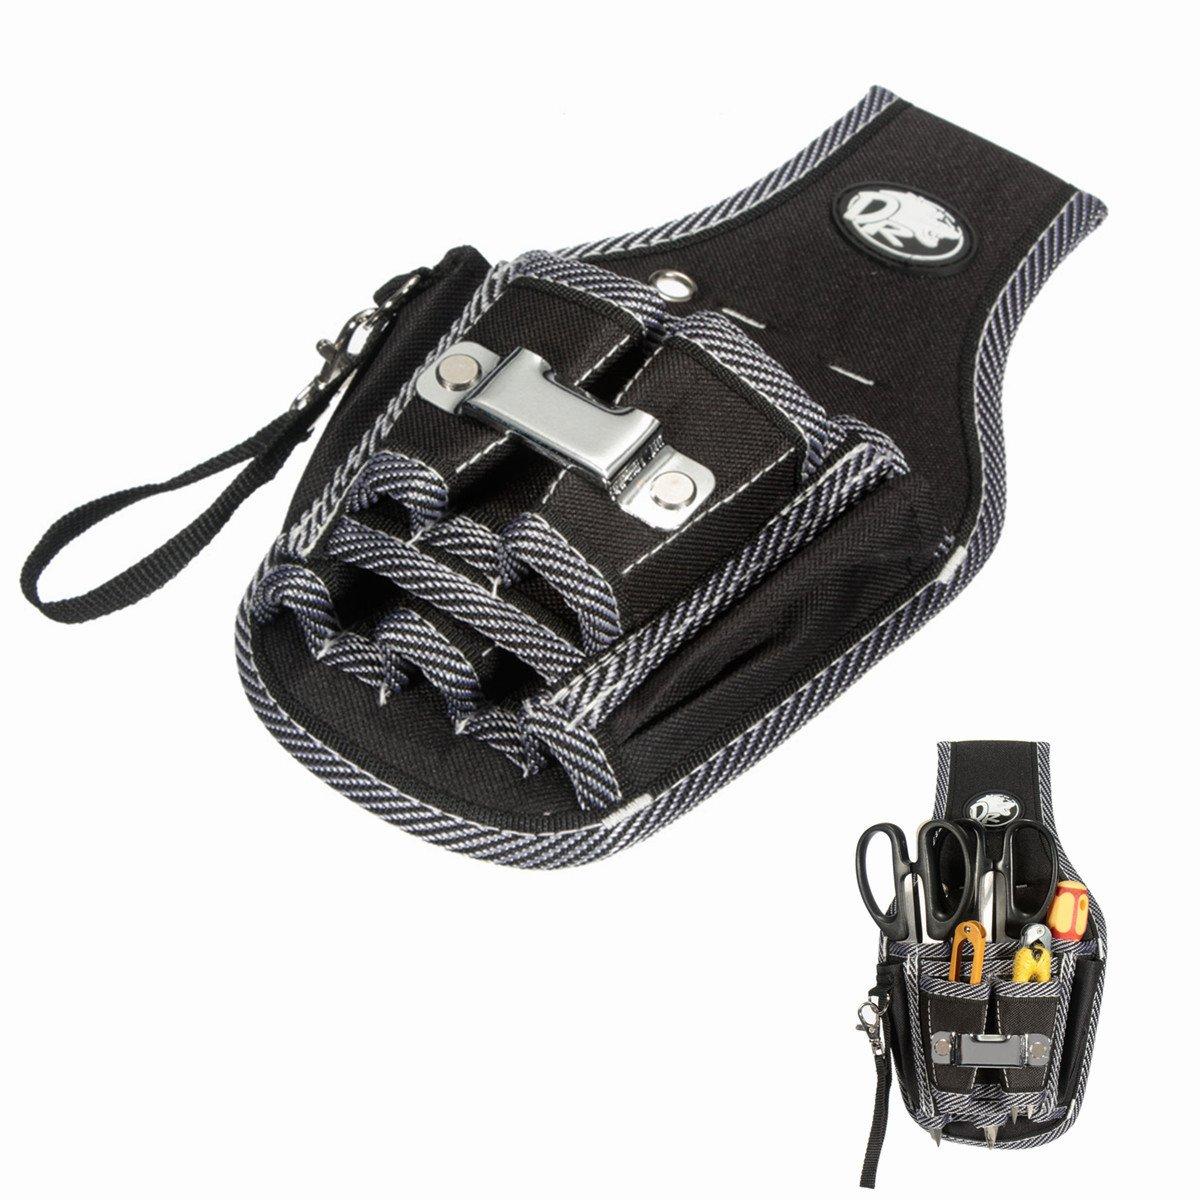 Werkzeuggü rtel MOHOO 9 in 1 Werkzeugtasche befestigung am Gü rtel guten Werkzeugbeutel fü r Werkzeugen, Schraubendreher und Bohrern etc.